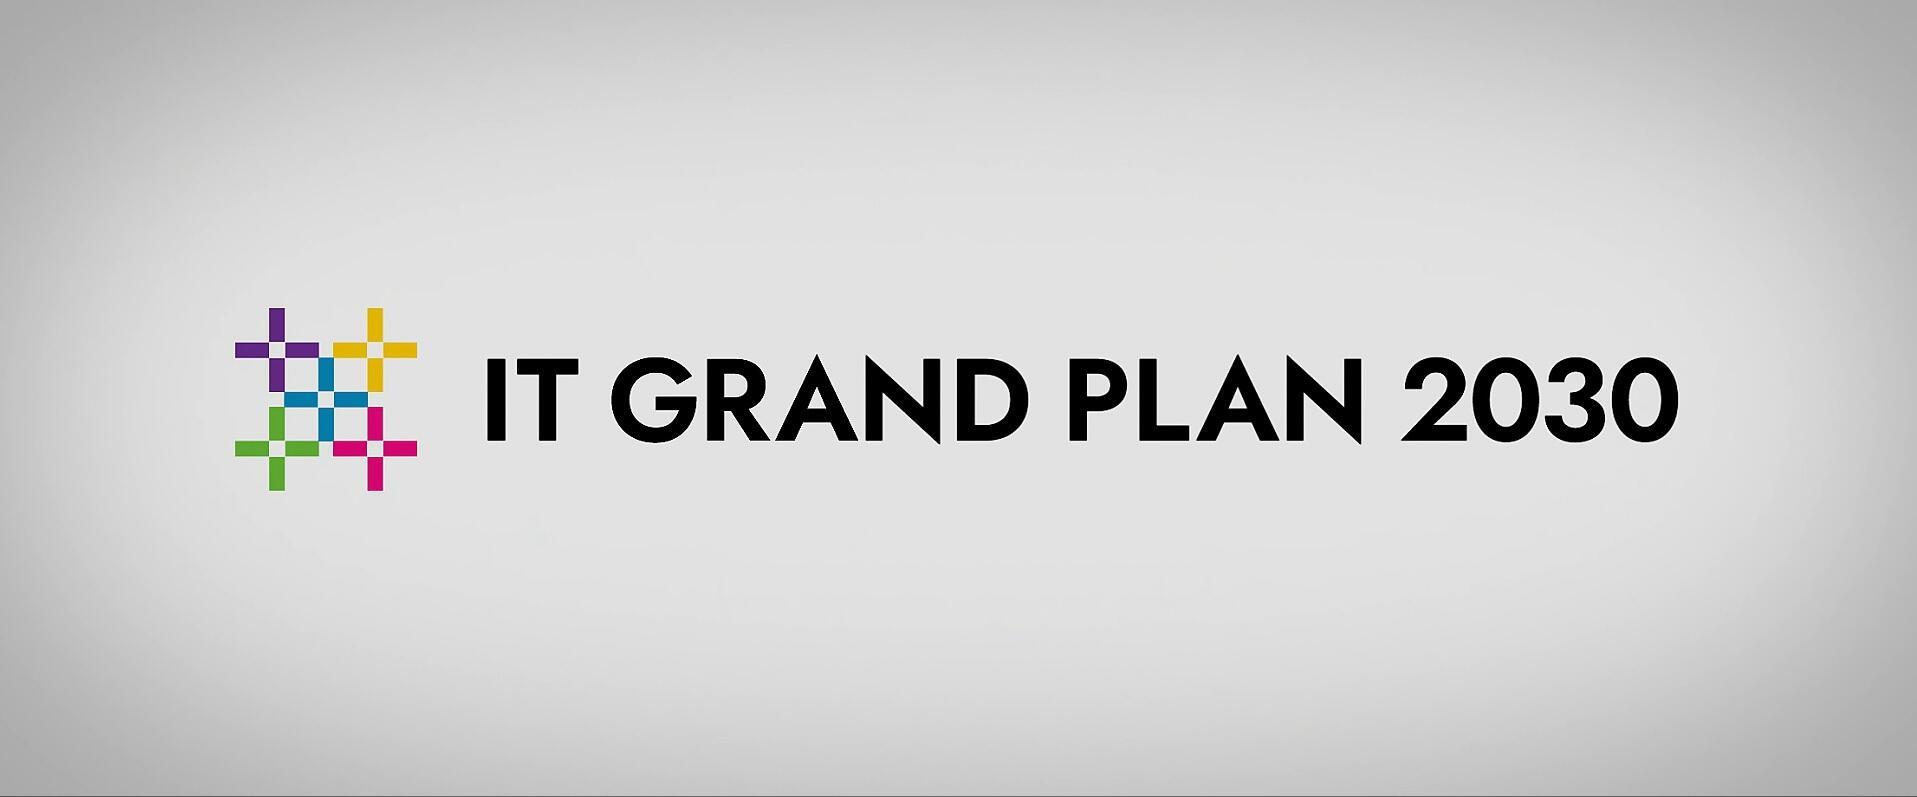 IT GRAND PLAN 2030